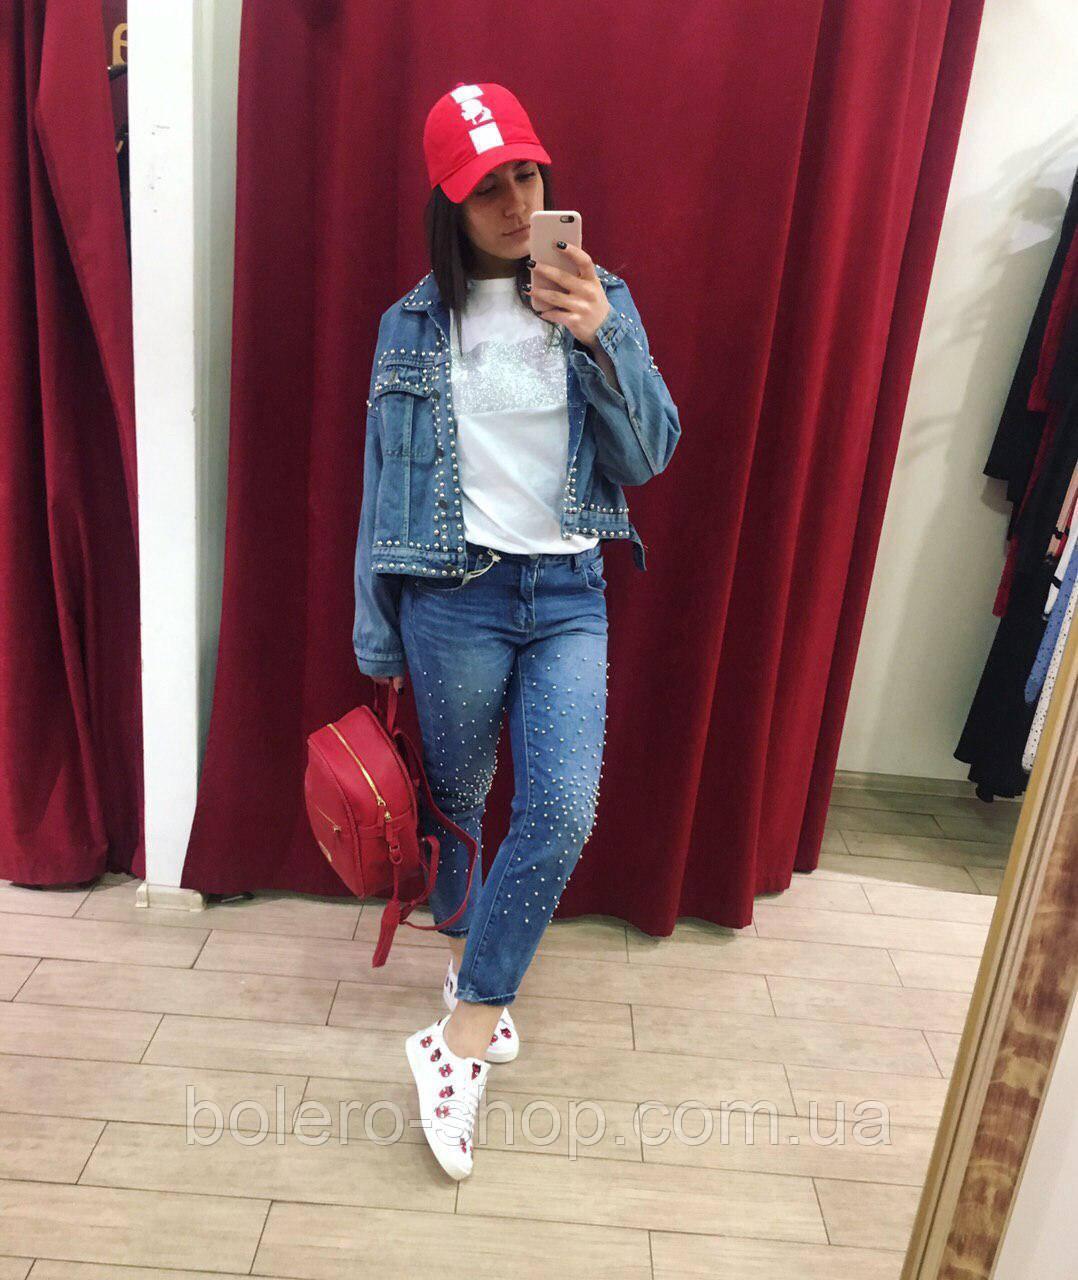 Женская куртка джинсовая с металлическими бульонками Италия